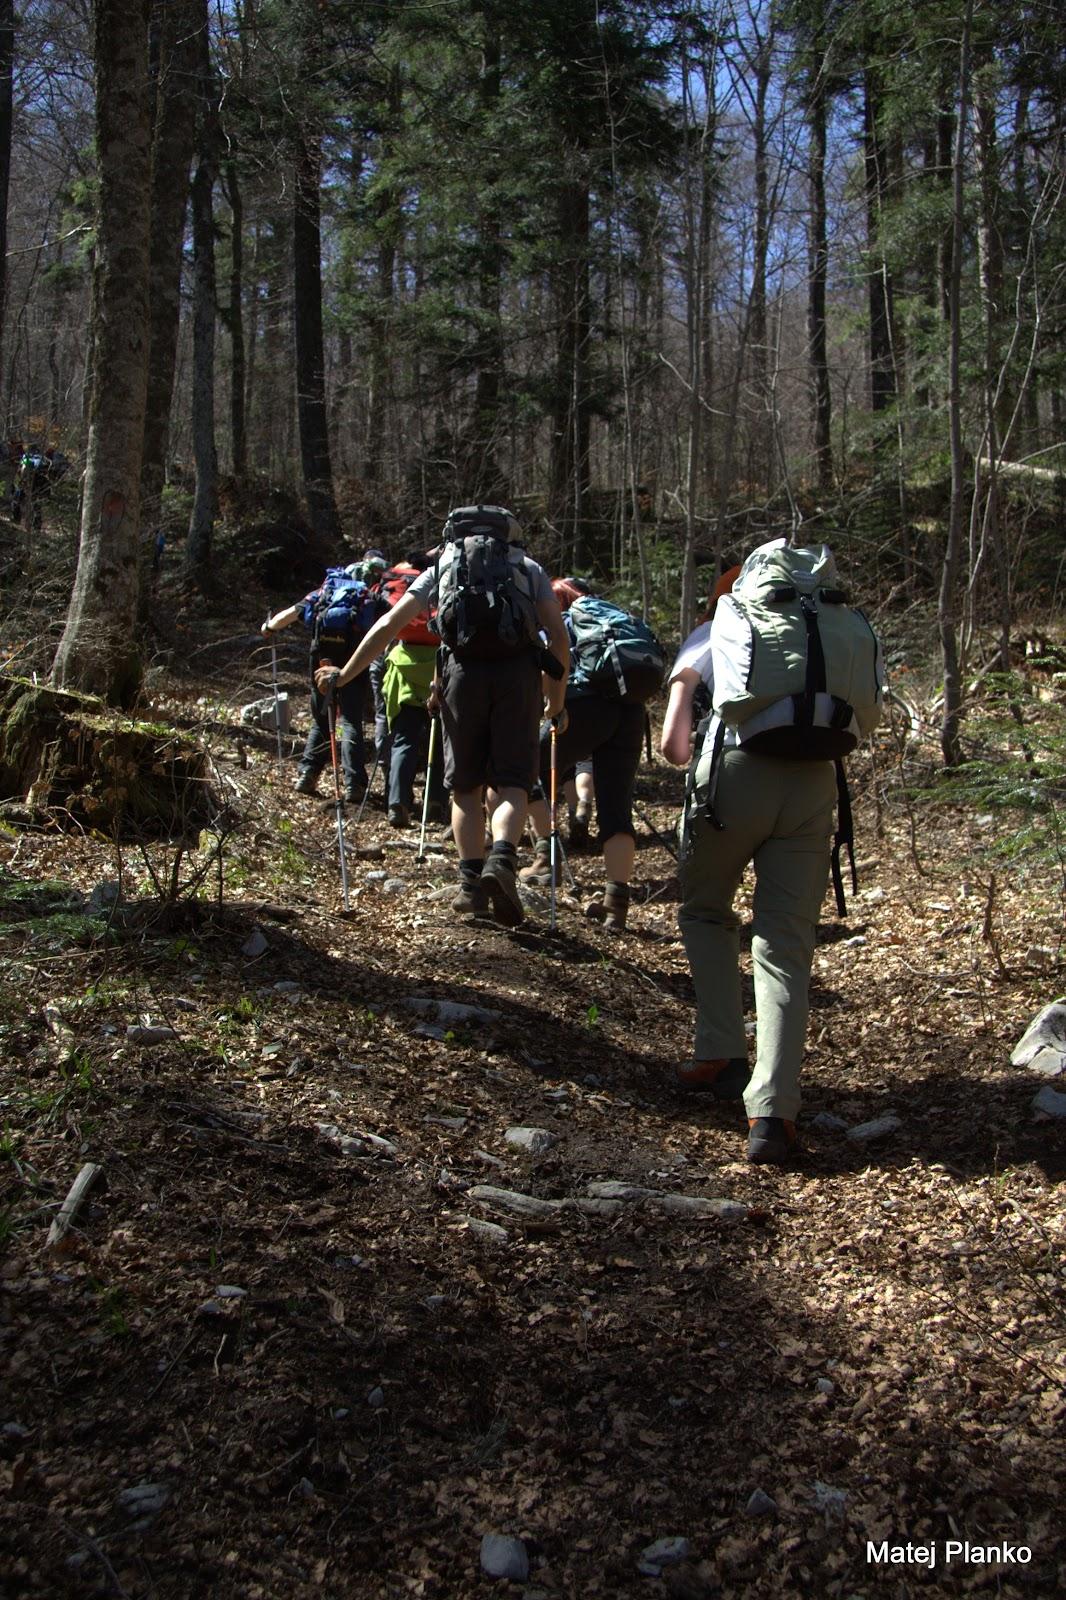 V zadnjem delu poti po gozdu smo morali dobro zagristi v kolena